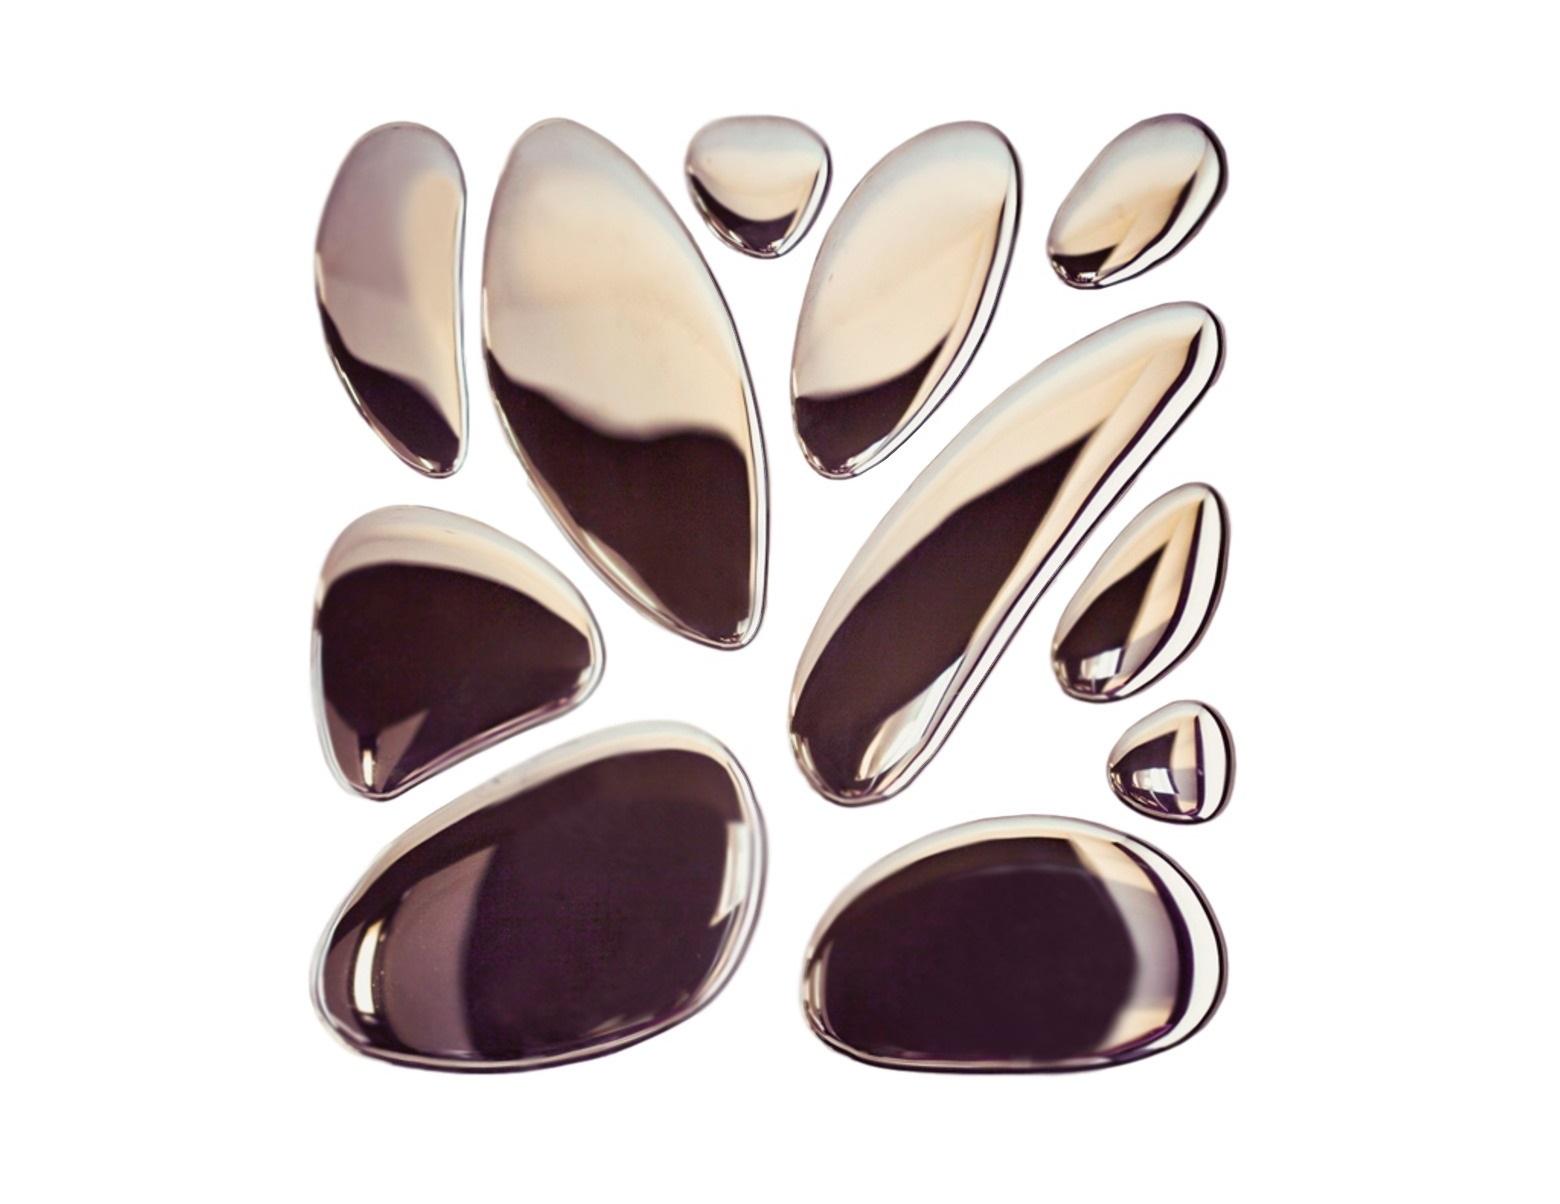 Композиция 11 капель SilverПанно<br>Элегантная композиция, состоящая из отдельных зеркальных капель, с легкостью станет главной изюминкой в вашем доме. Словно застывшие капельки ртути, или расплавленный металл – фантазировать о том, что же послужило вдохновением при создании композиции 11 Капель, можно бесконечно. Этот оригинальный декор станет прекрасным дополнением в дизайне, как общественного, так и приватного интерьера. 11 зеркальных капель разной величины легко фиксируются на клей к любой поверхности и формируют удивительную композицию. Эти 11 капель – образец безупречной работы и настоящего мастерства. Клей в комплекте не идет. Есть трафарет.<br><br>Material: Стекло<br>Ширина см: 80<br>Высота см: 80<br>Глубина см: 1